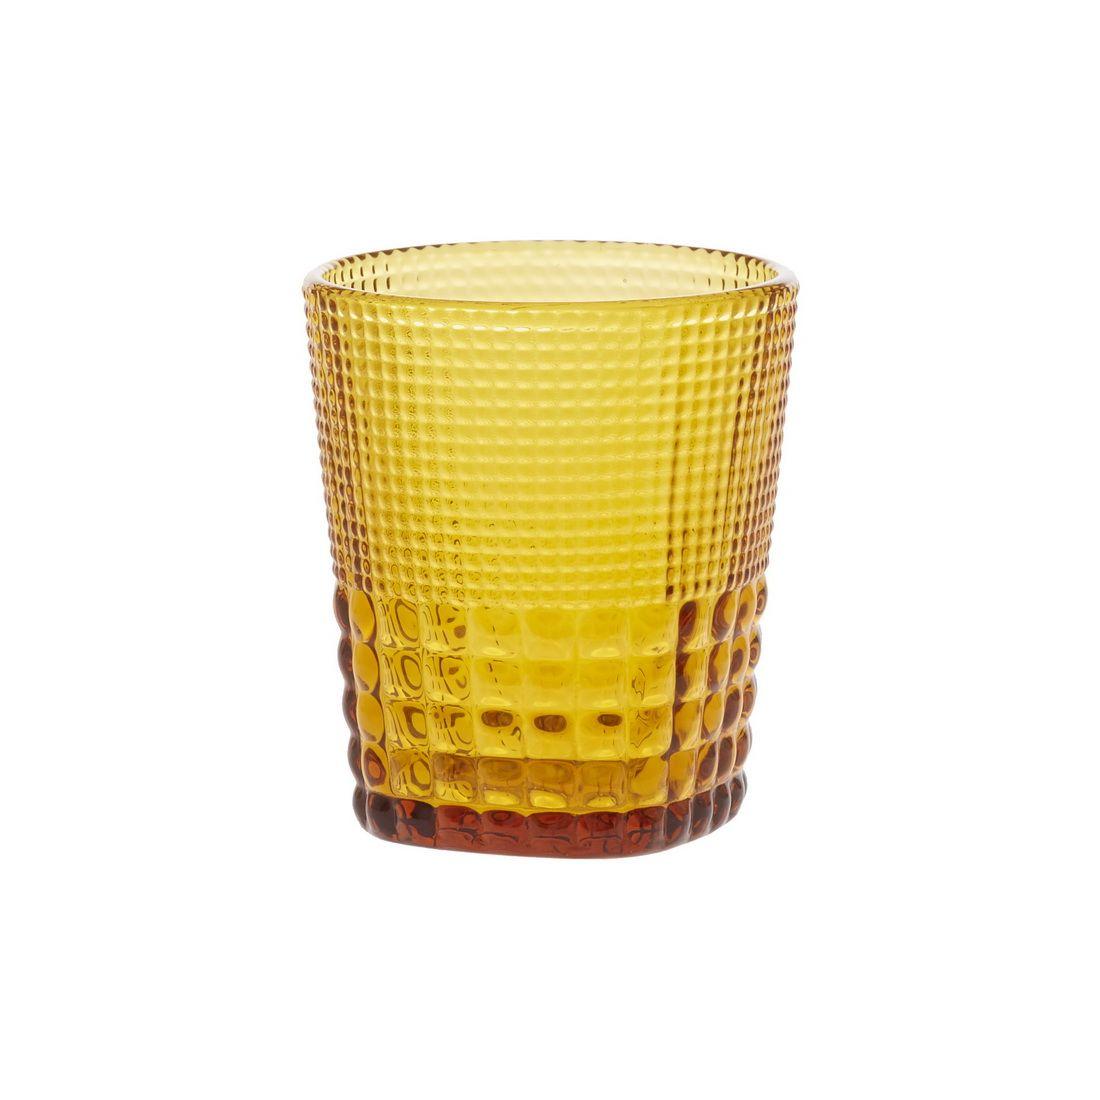 Стакан для напитков Royal drops, янтарьСтакан для напитков Ройял дропс создан компанией Магиа Густо. Он сделан из стекла оригинальнго янтарного цвета. Этот материал гигиеничен, хорошо сохраняет температуру налитого в стакан напитка. Изделие станет истинным украшением любой сервировки и будет уместно на любом празднике и за повседневным приемом пищи. Его форма, слегка расширяющаяся кверху, эстетична, а рельефная поверхность удобна и приятна на ощупь. Стакан Ройял дропс универсален и подходит для любых горячих и холодных напитков – чая, вина, воды или сока.<br>